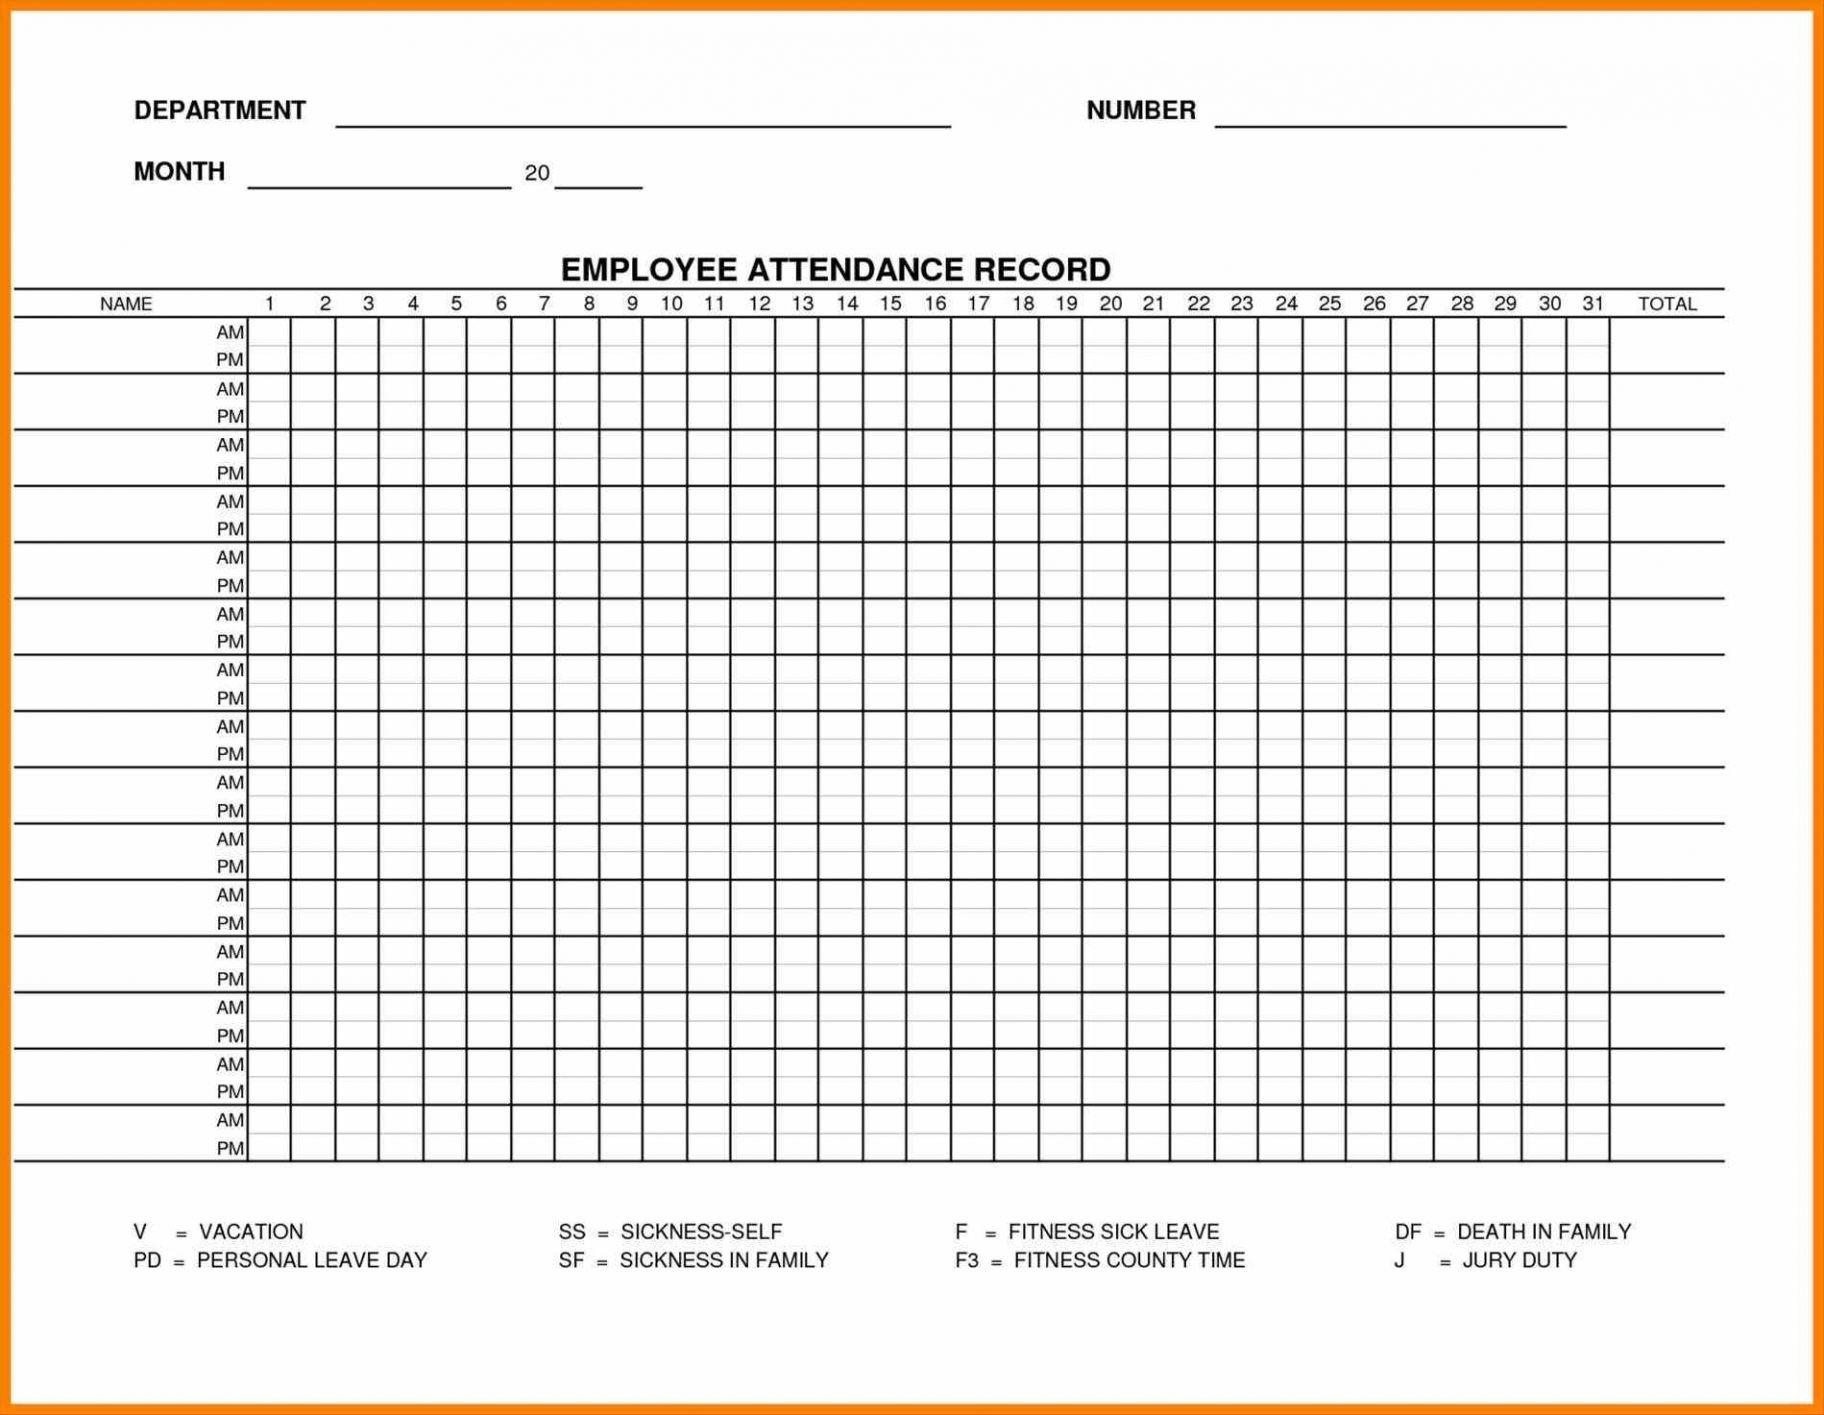 Printable Employee Attendance Sheet Excel 2018 Within Employee pertaining to Printable Employee Attendance Calendar Template